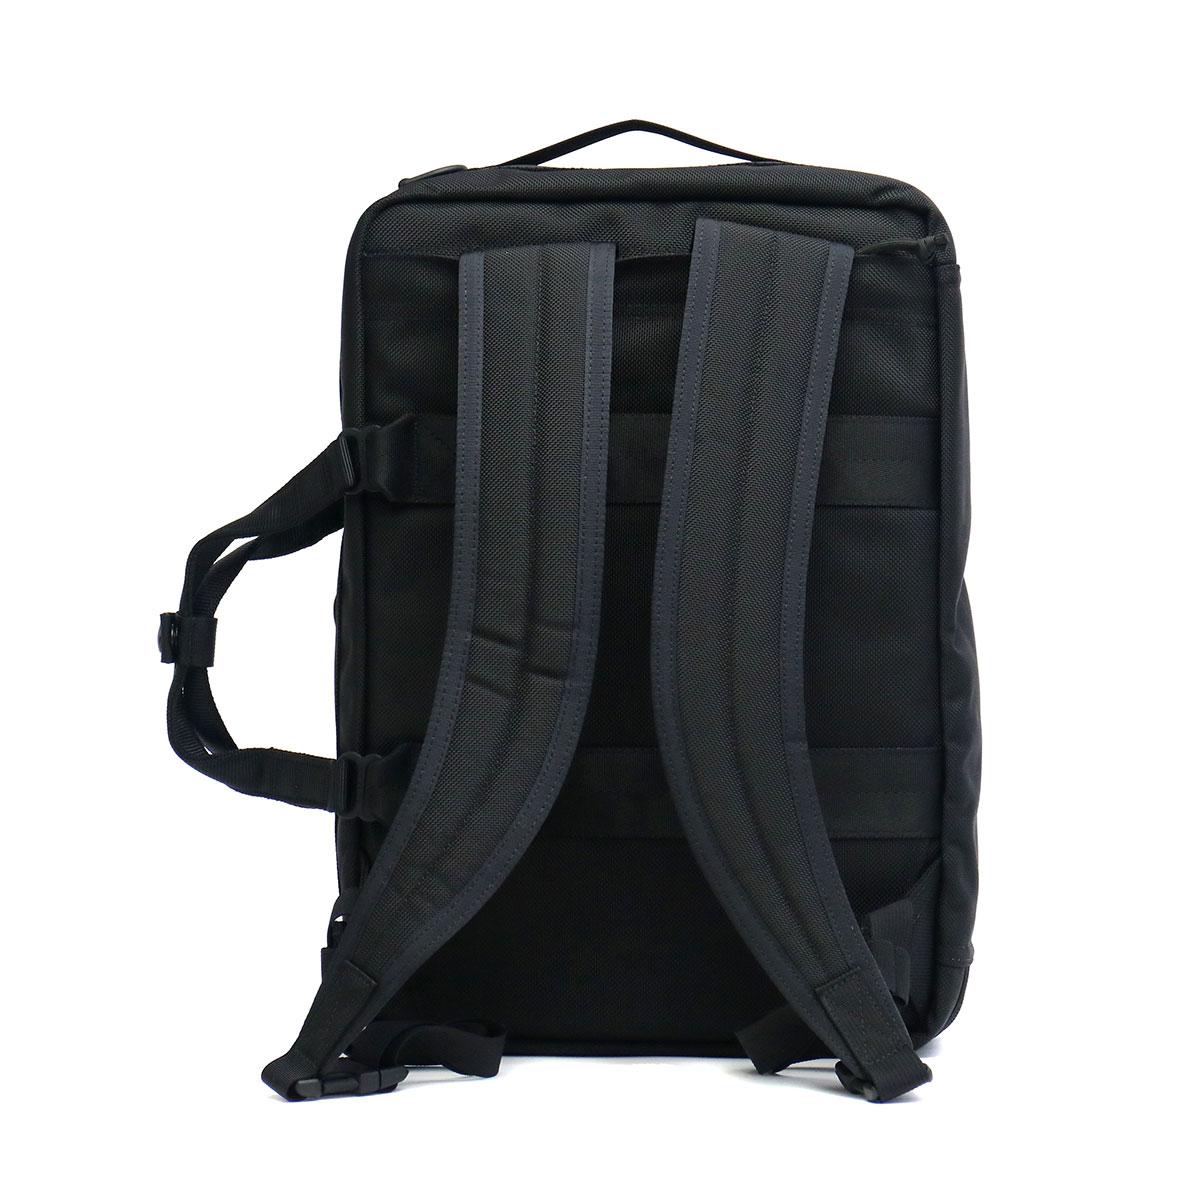 メンズ BRF399219-NYLON-010 ブリーフィング/ NEO TRINITY LINER BRIEFING 3Wayビジネスバッグ バッグ ブラック